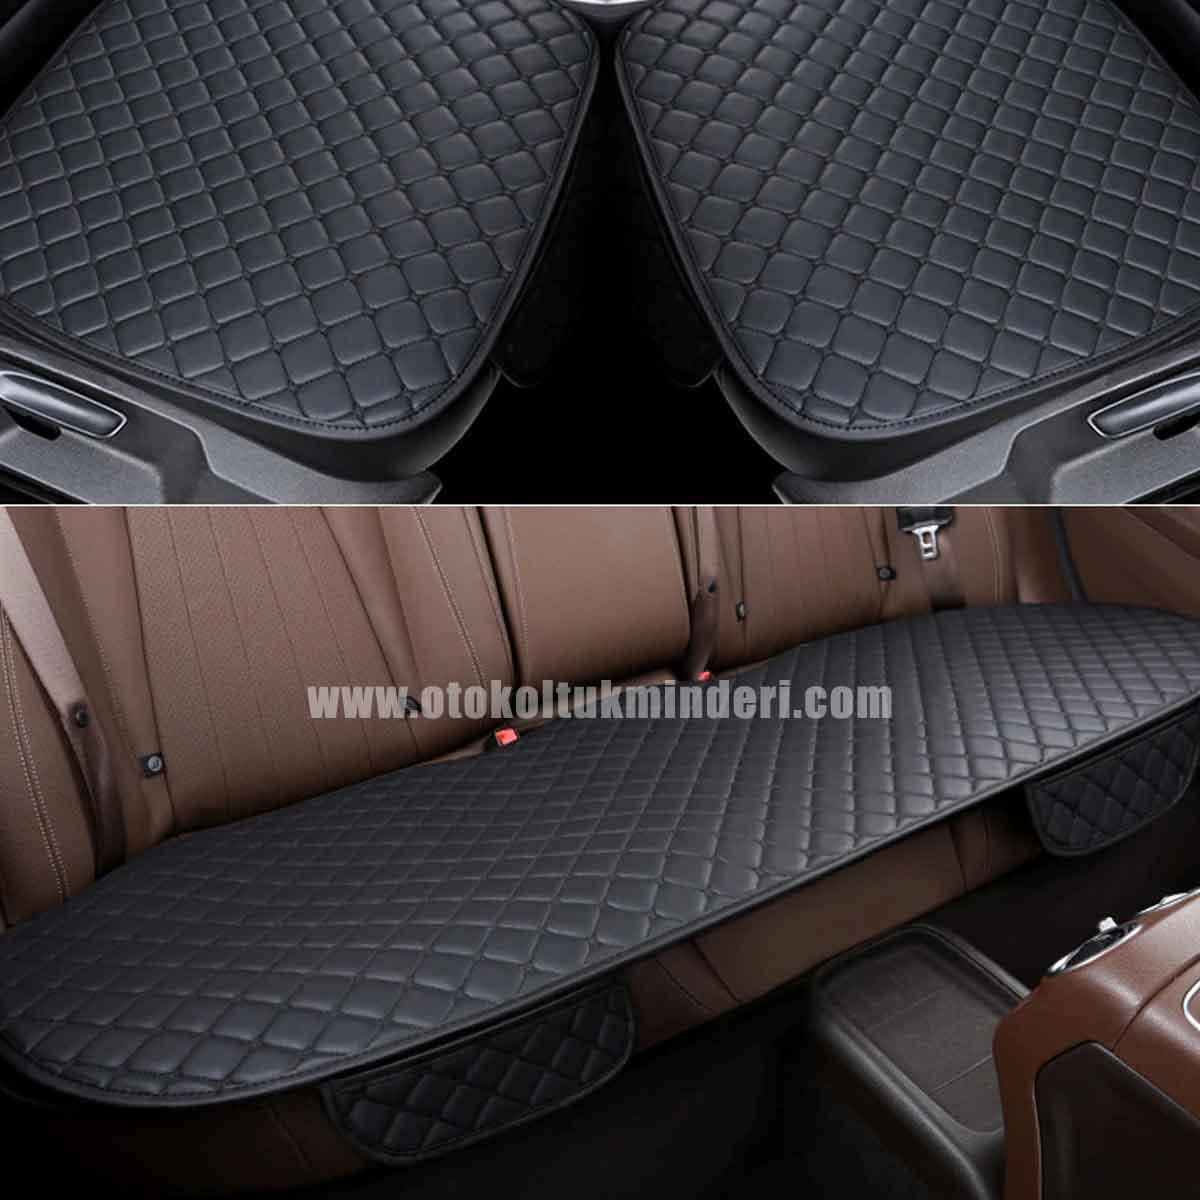 Audi koltuk kılıfı deri - Audi Koltuk minderi Siyah Deri Cepli